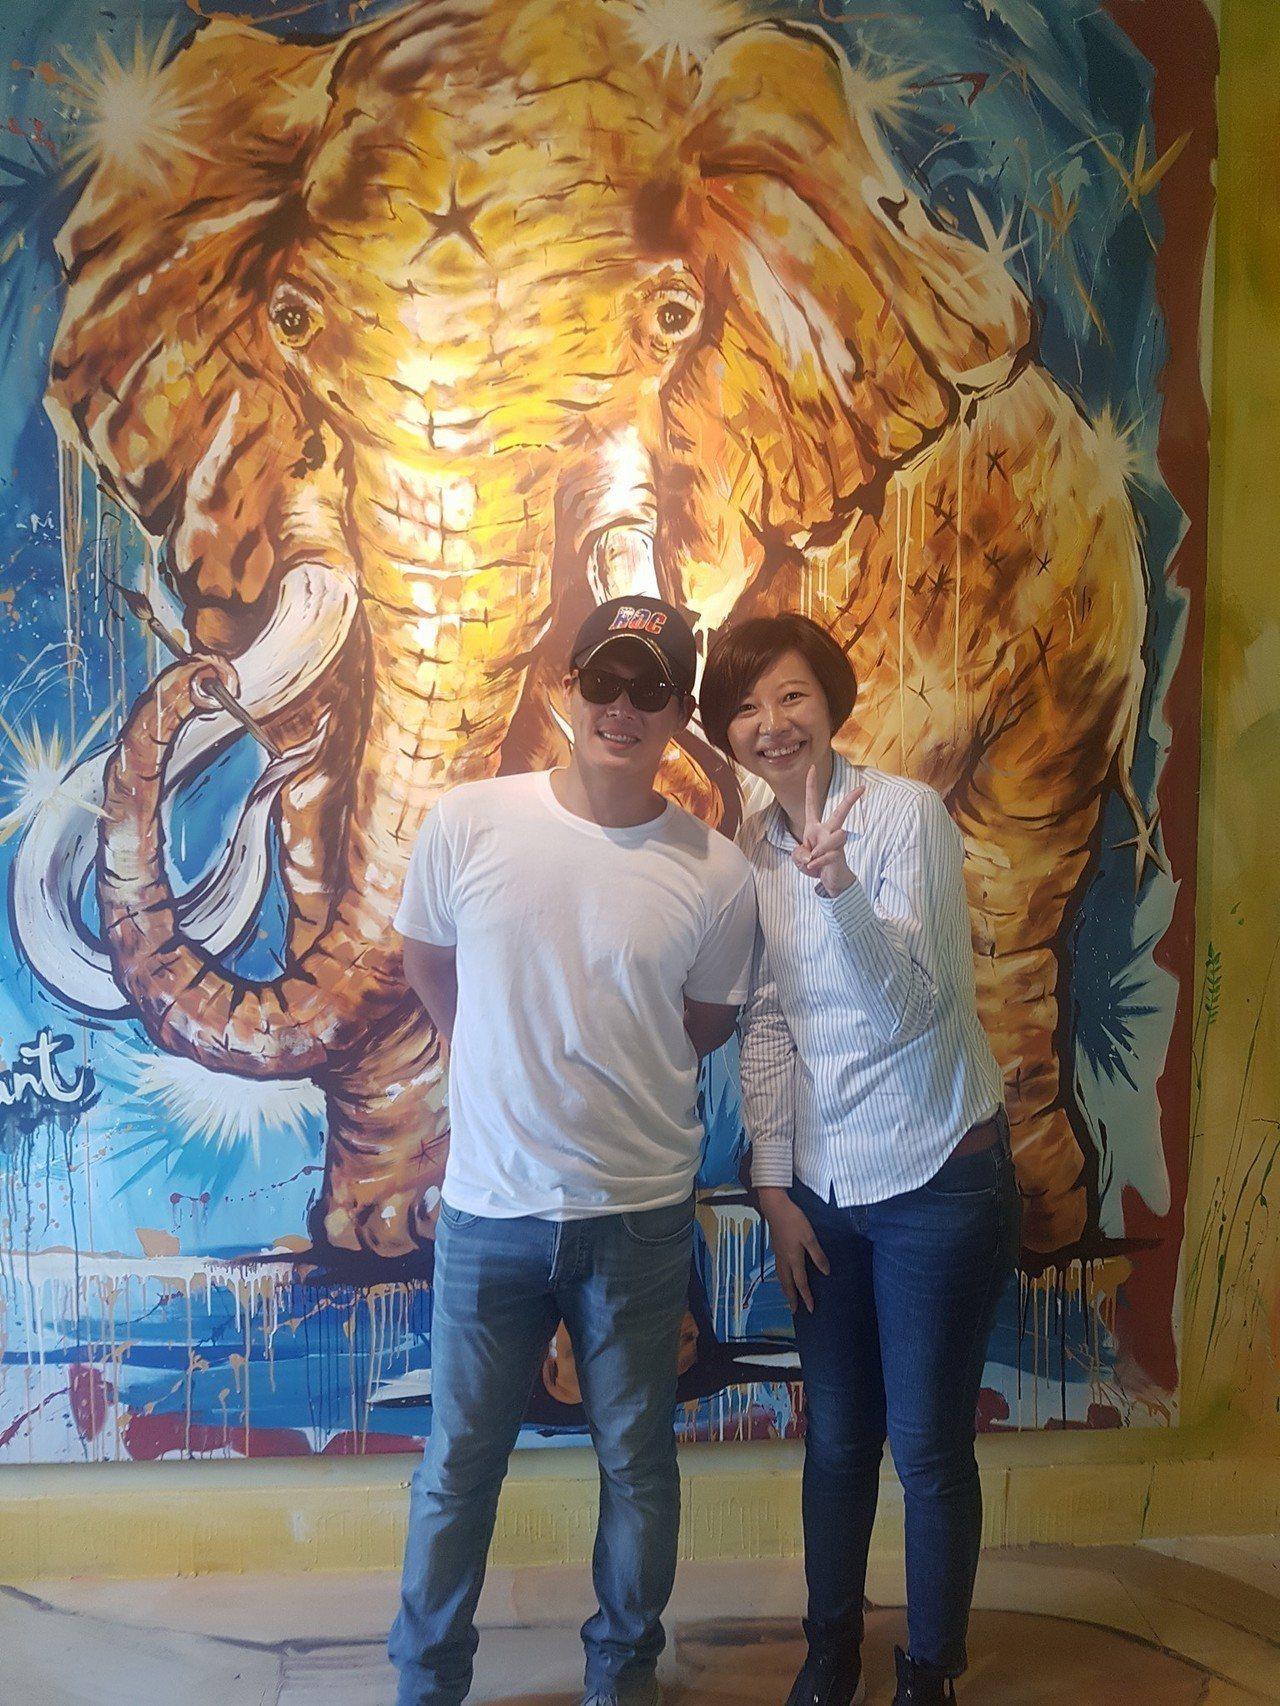 台南市議員陳怡珍(右)與黃姓男助理司機(左)合照。圖/擷取自黃姓助理司機臉書